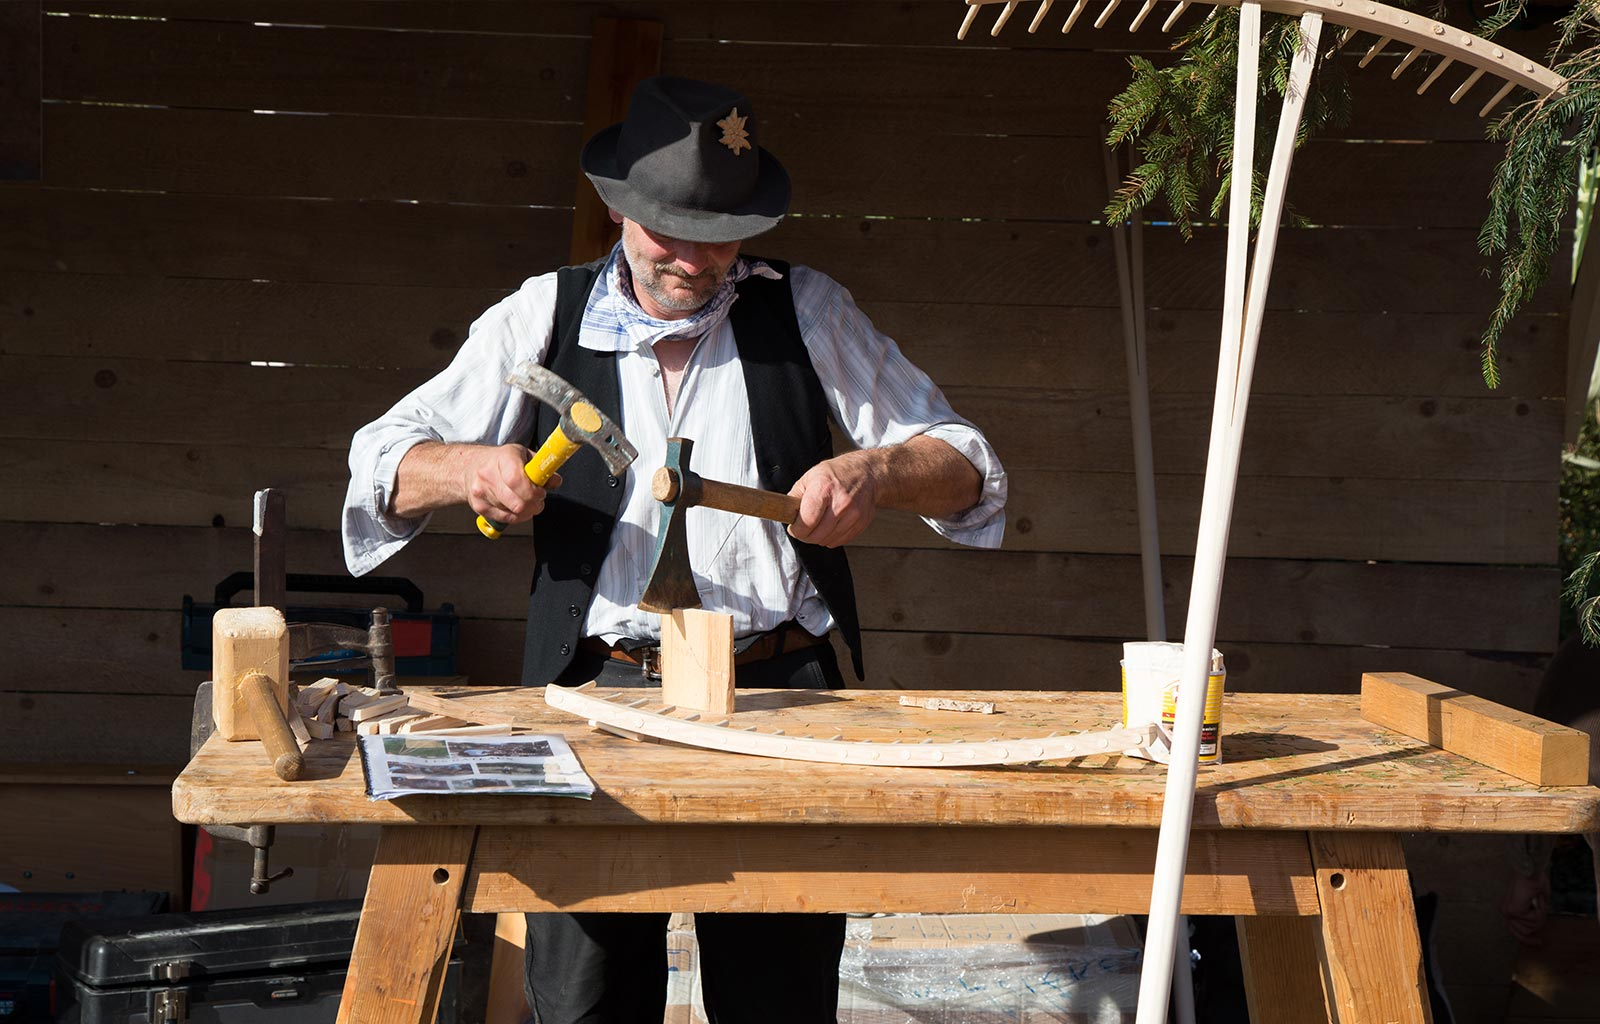 Vieux métiers - Fabrication de rateaux